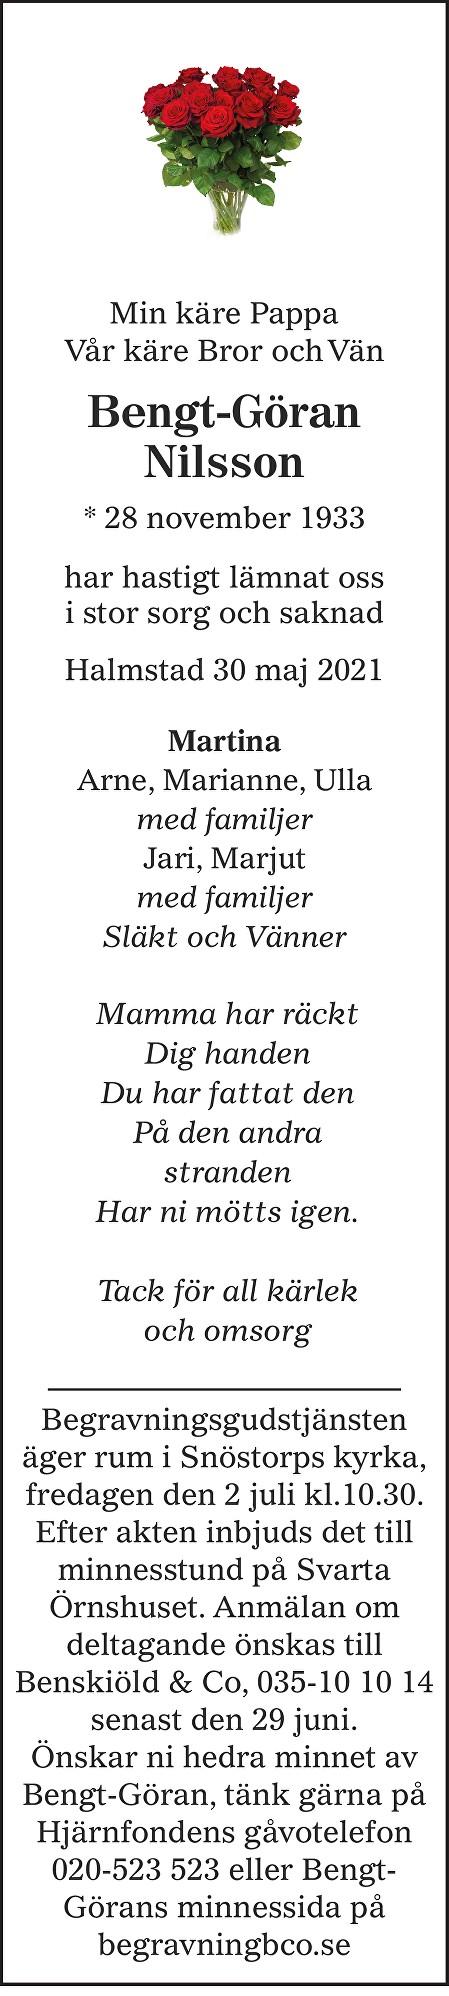 Bengt-Göran Nilsson Death notice